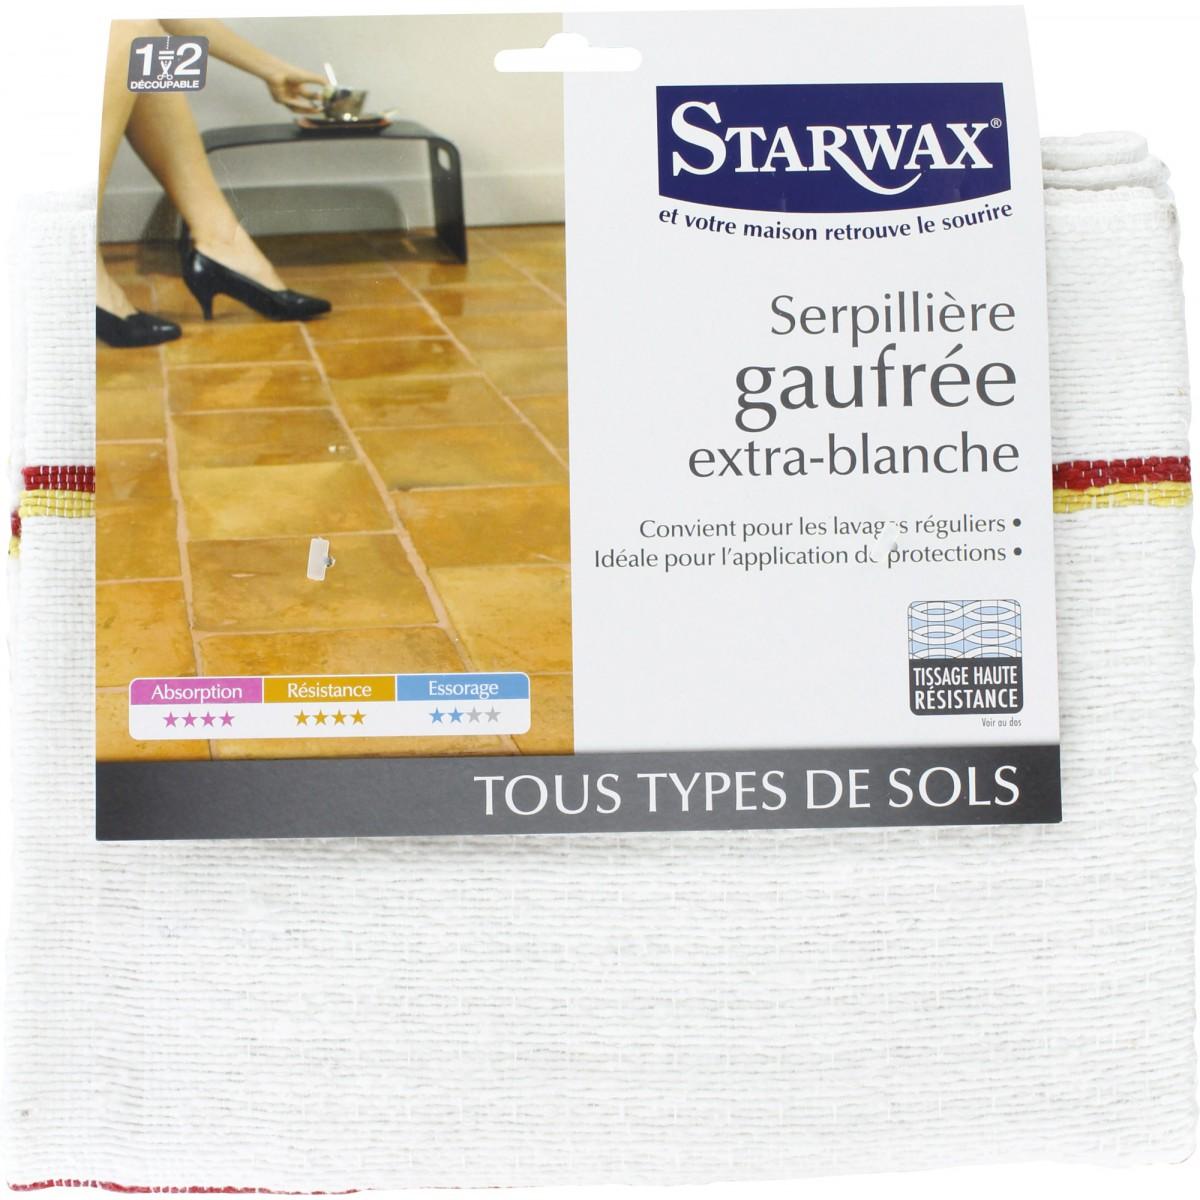 Serpillière gaufrée extra blanche Starwax